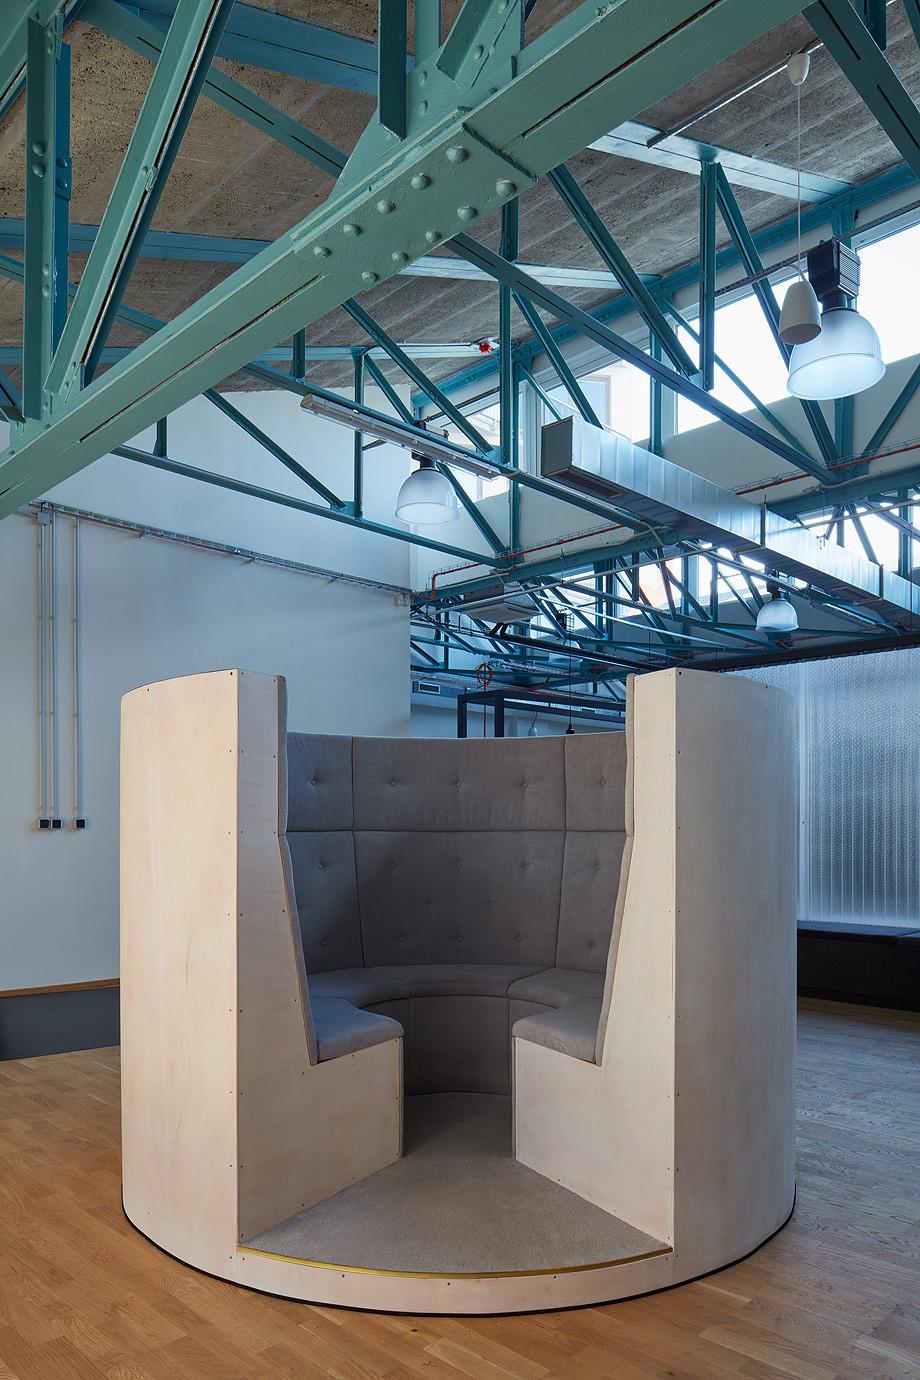 oficinas sinnerschrader por kurz architects - foto boysplaynice (7)